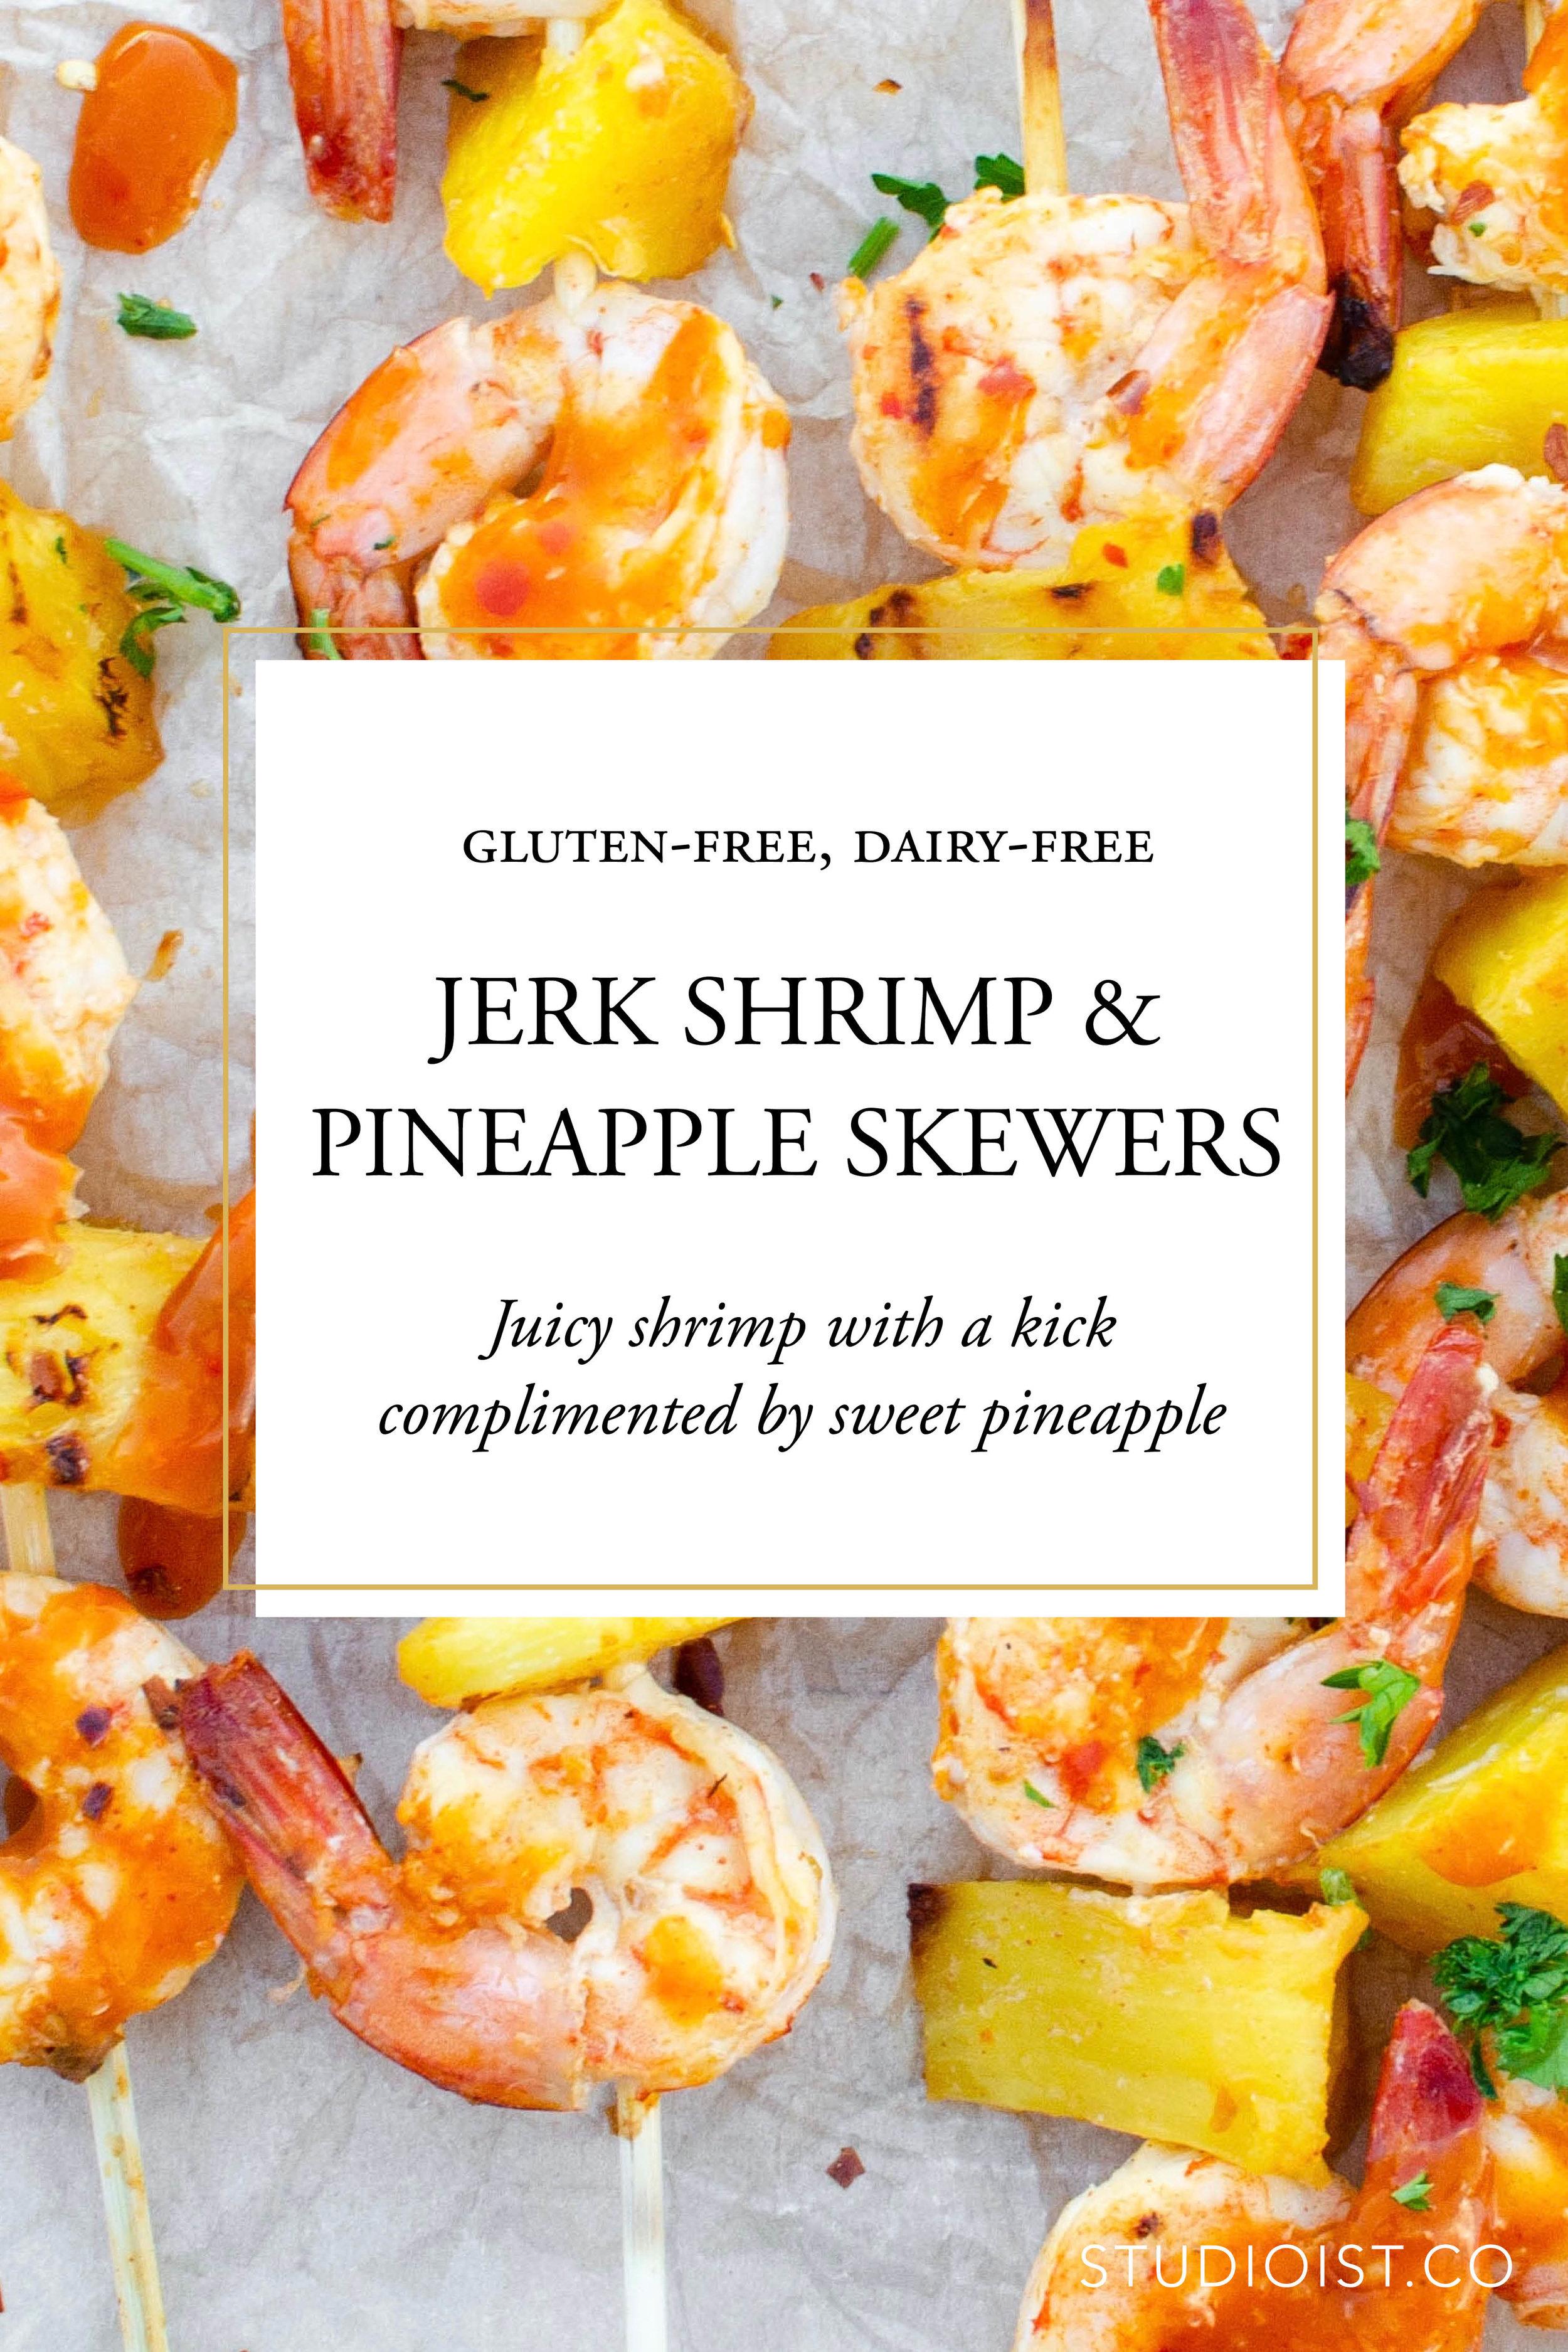 Studioist_Pinterest Design_Jerk Shrimp Skewers2.jpg